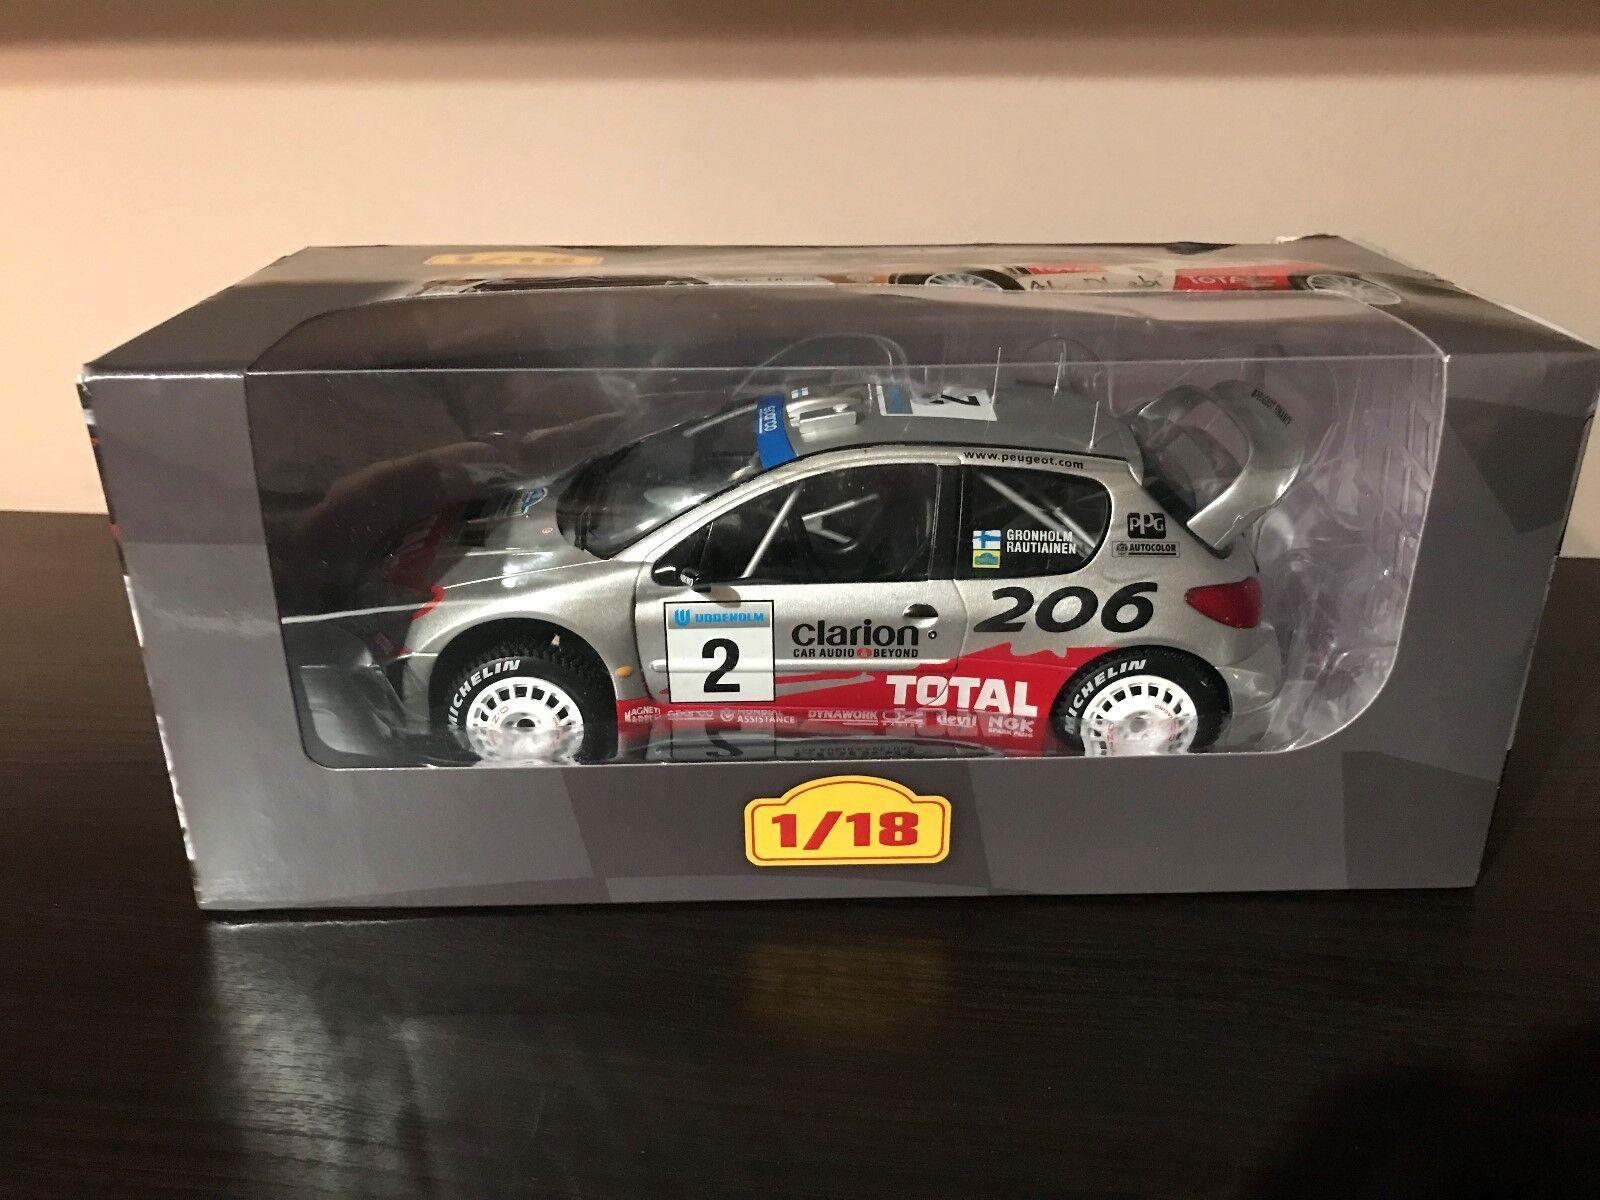 PEUGEOT 206 WRC 2002 M. M. M. GRÖNHOLM RALLY RALLYE IXO ALTAYA 1/18 (EB28) | Outlet  55a162